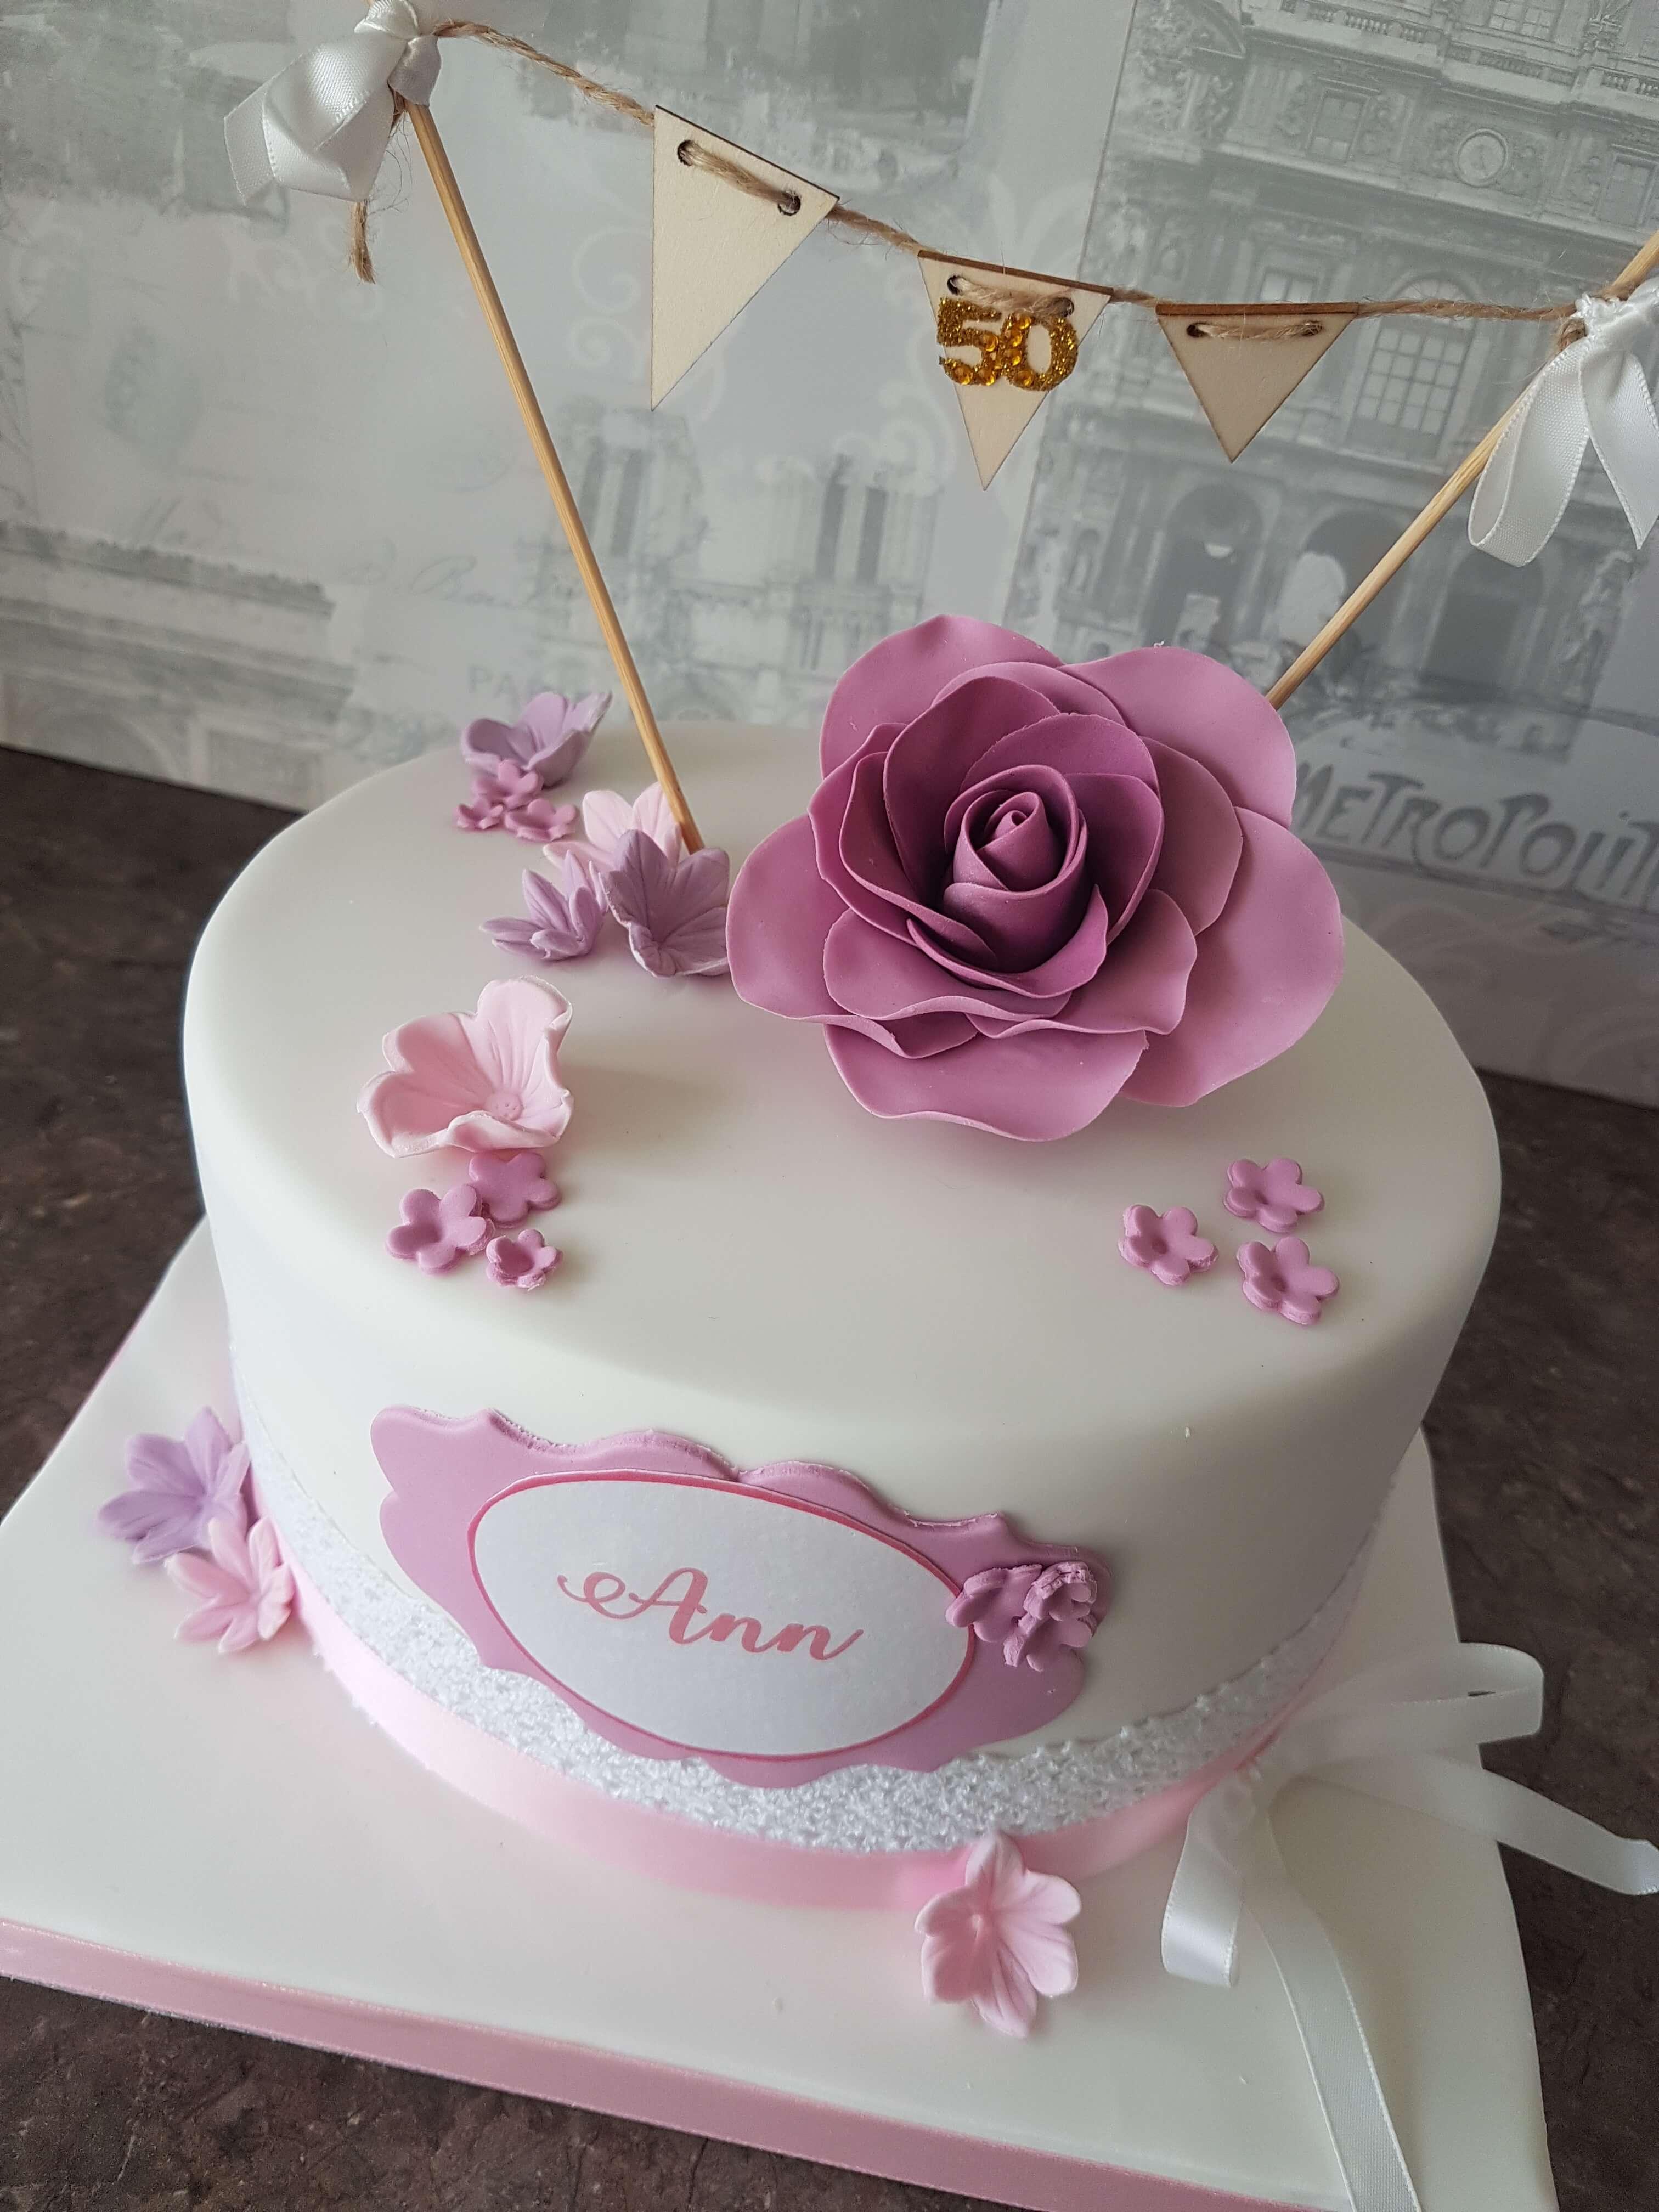 Lovely Iced Birthday Cake